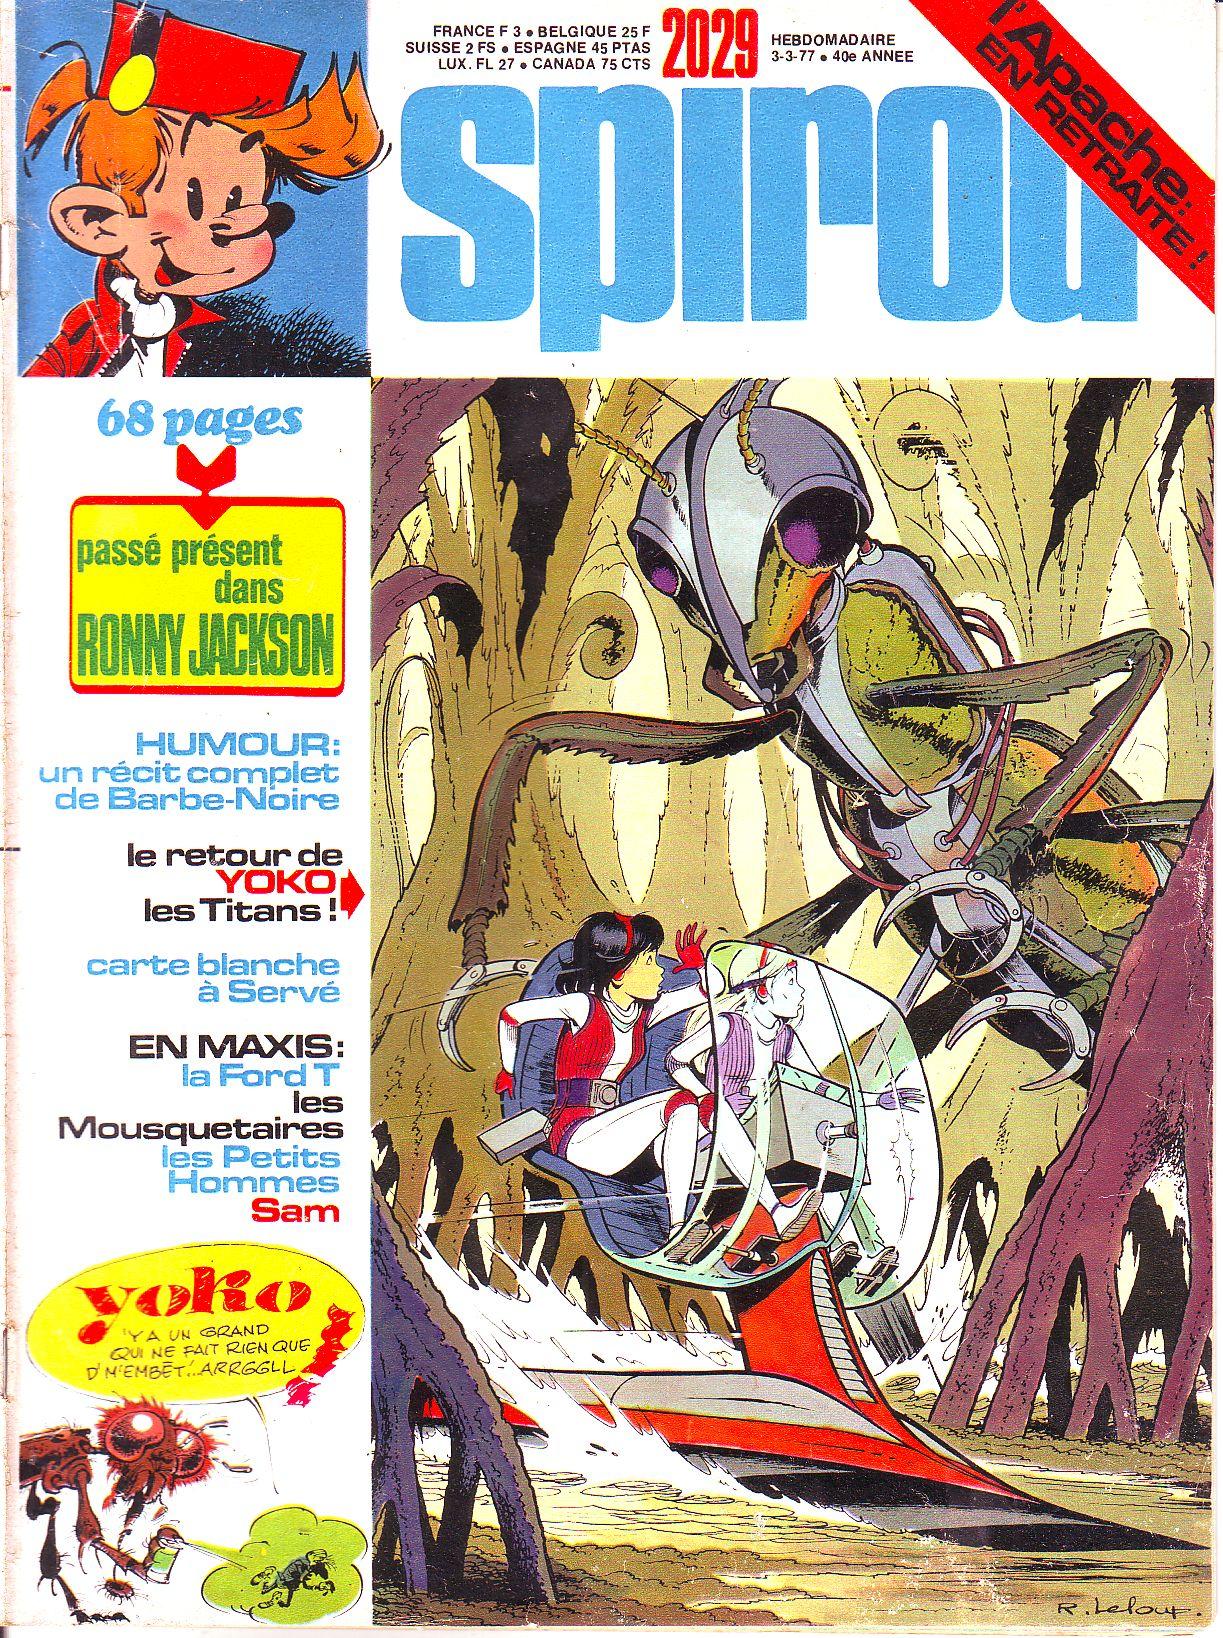 Le journal de Spirou 2029